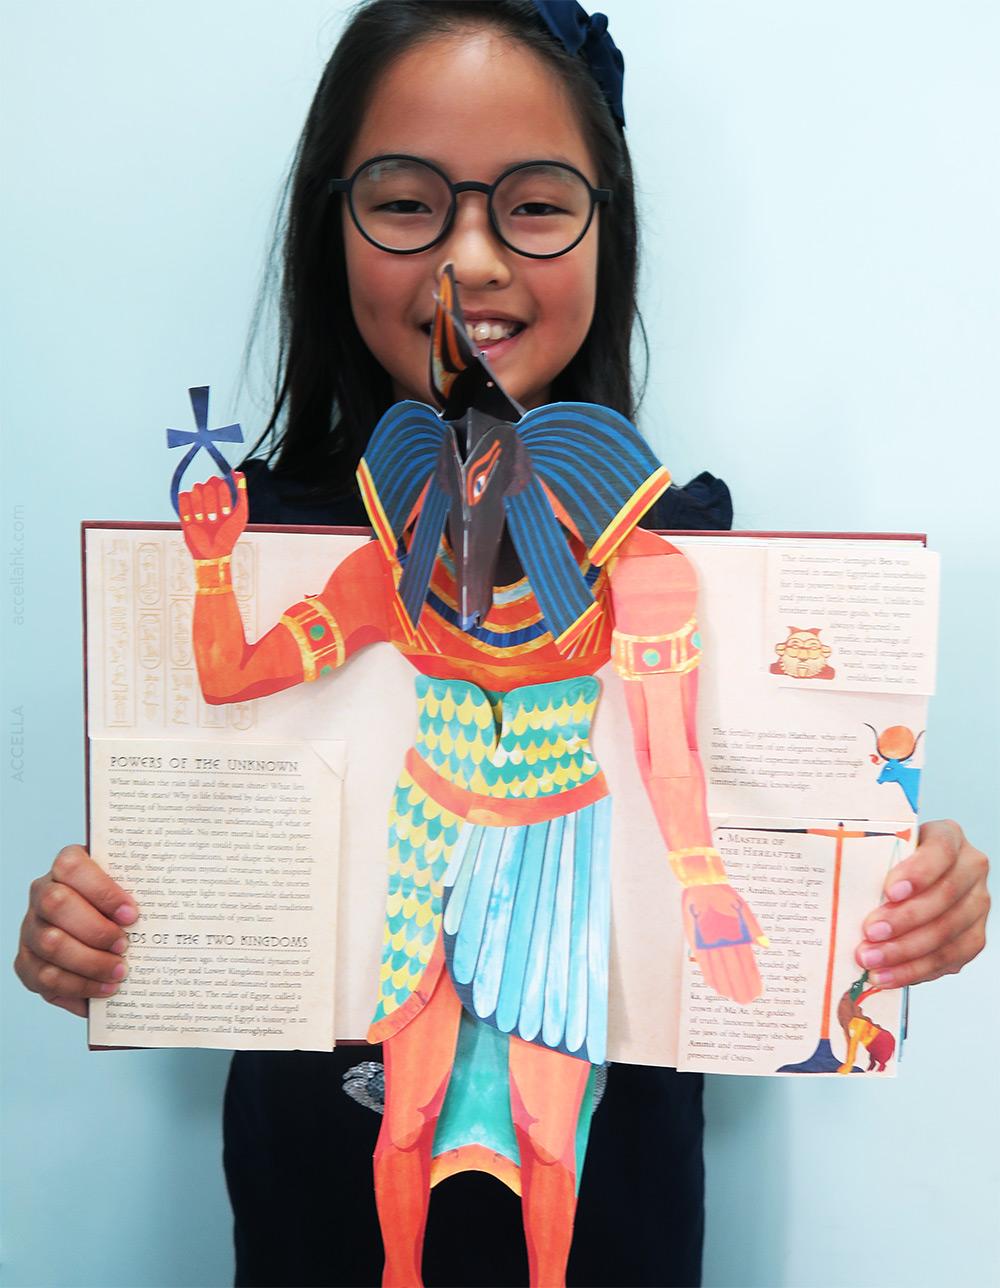 Alice C. scored a copy of a pop-up mythology book, 'Gods & Heroes'!